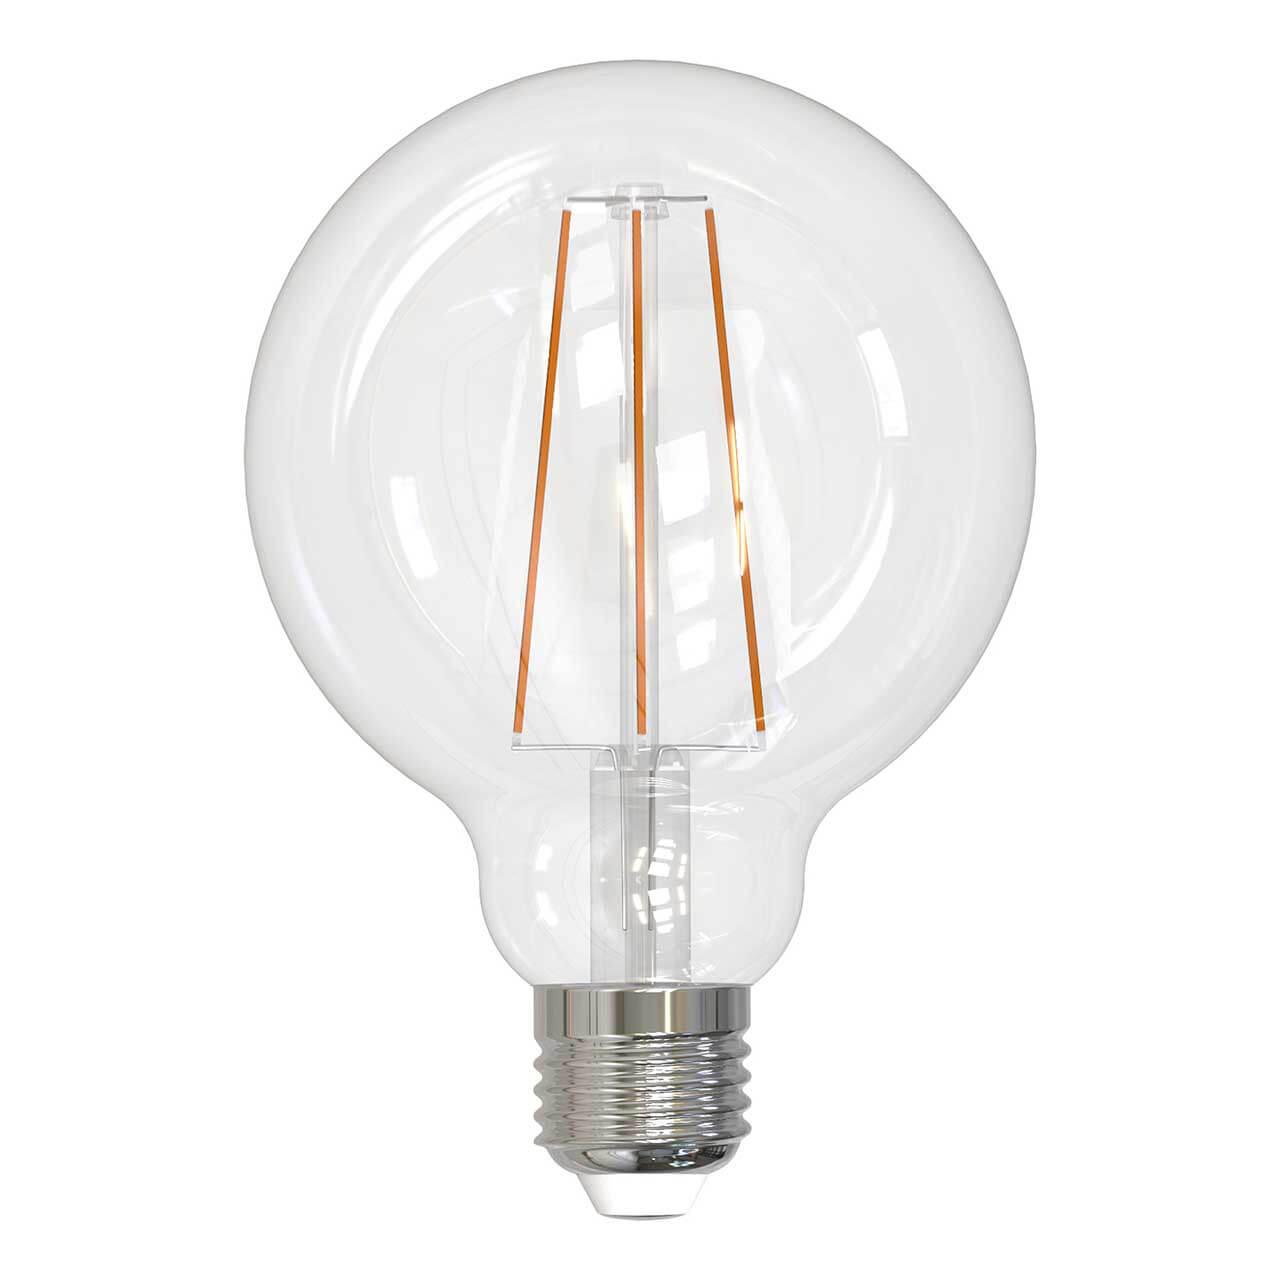 Фото - Лампочка Uniel LED-G95-10W/3000K/E27/CL PLS02WH SKY Globe лампочка uniel led g45 13w 3000k e27 cl pls02wh sky